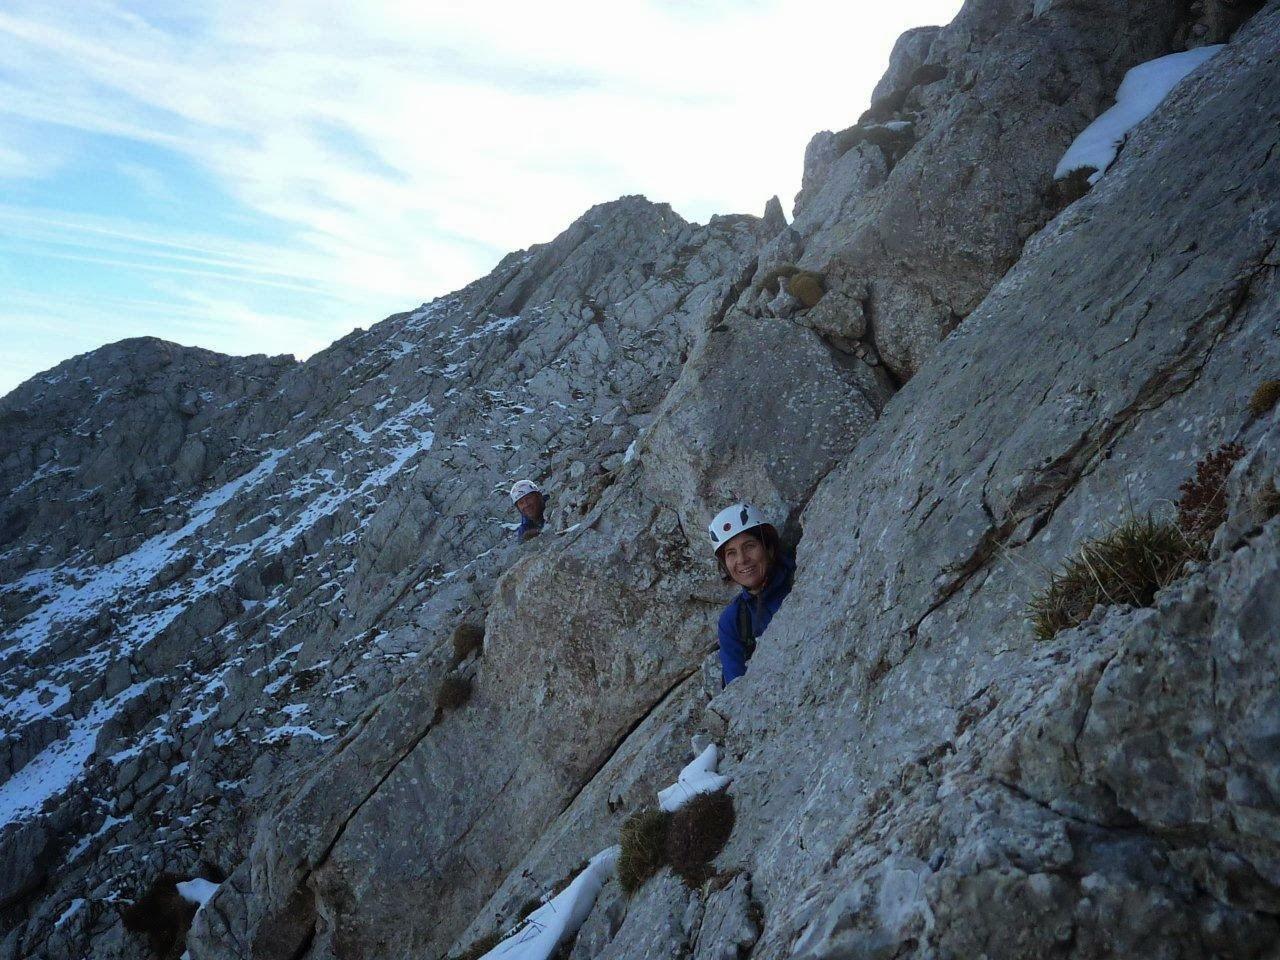 Klettersteig De : Salewa klettersteig m bad hindelang oberjoch